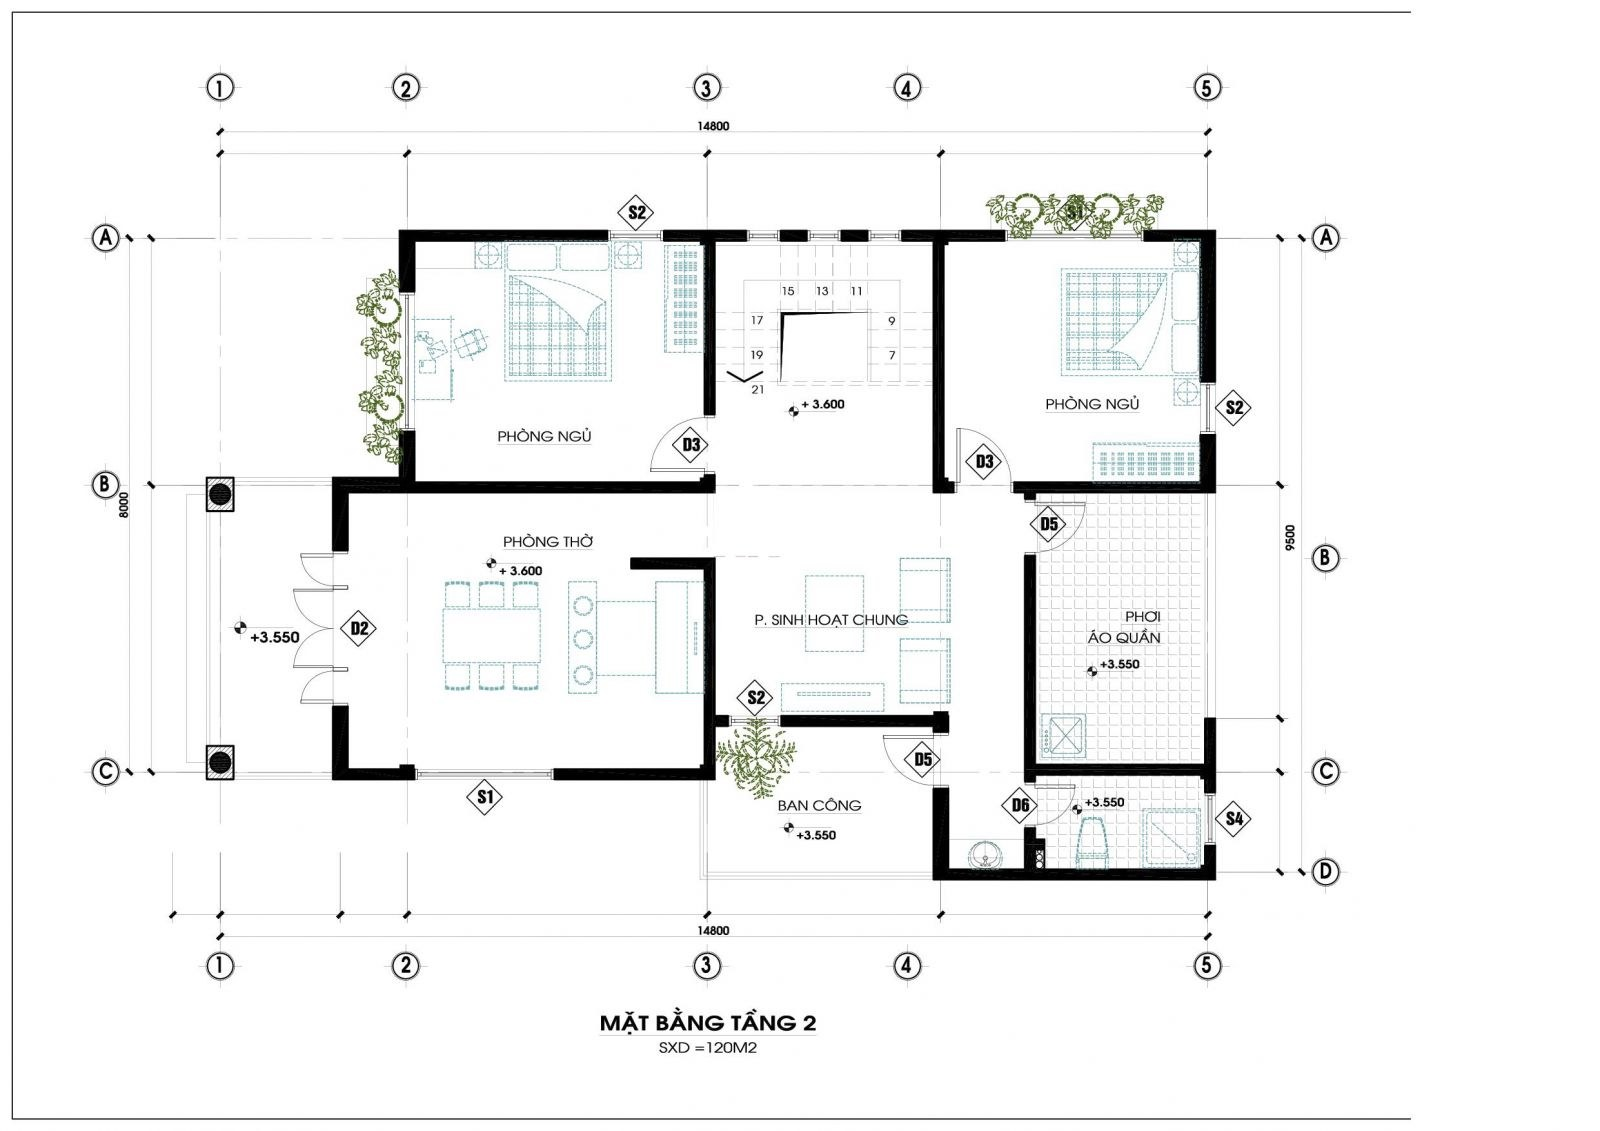 Mặt bằng tầng 2 mẫu nhà 2 tầng mái thái